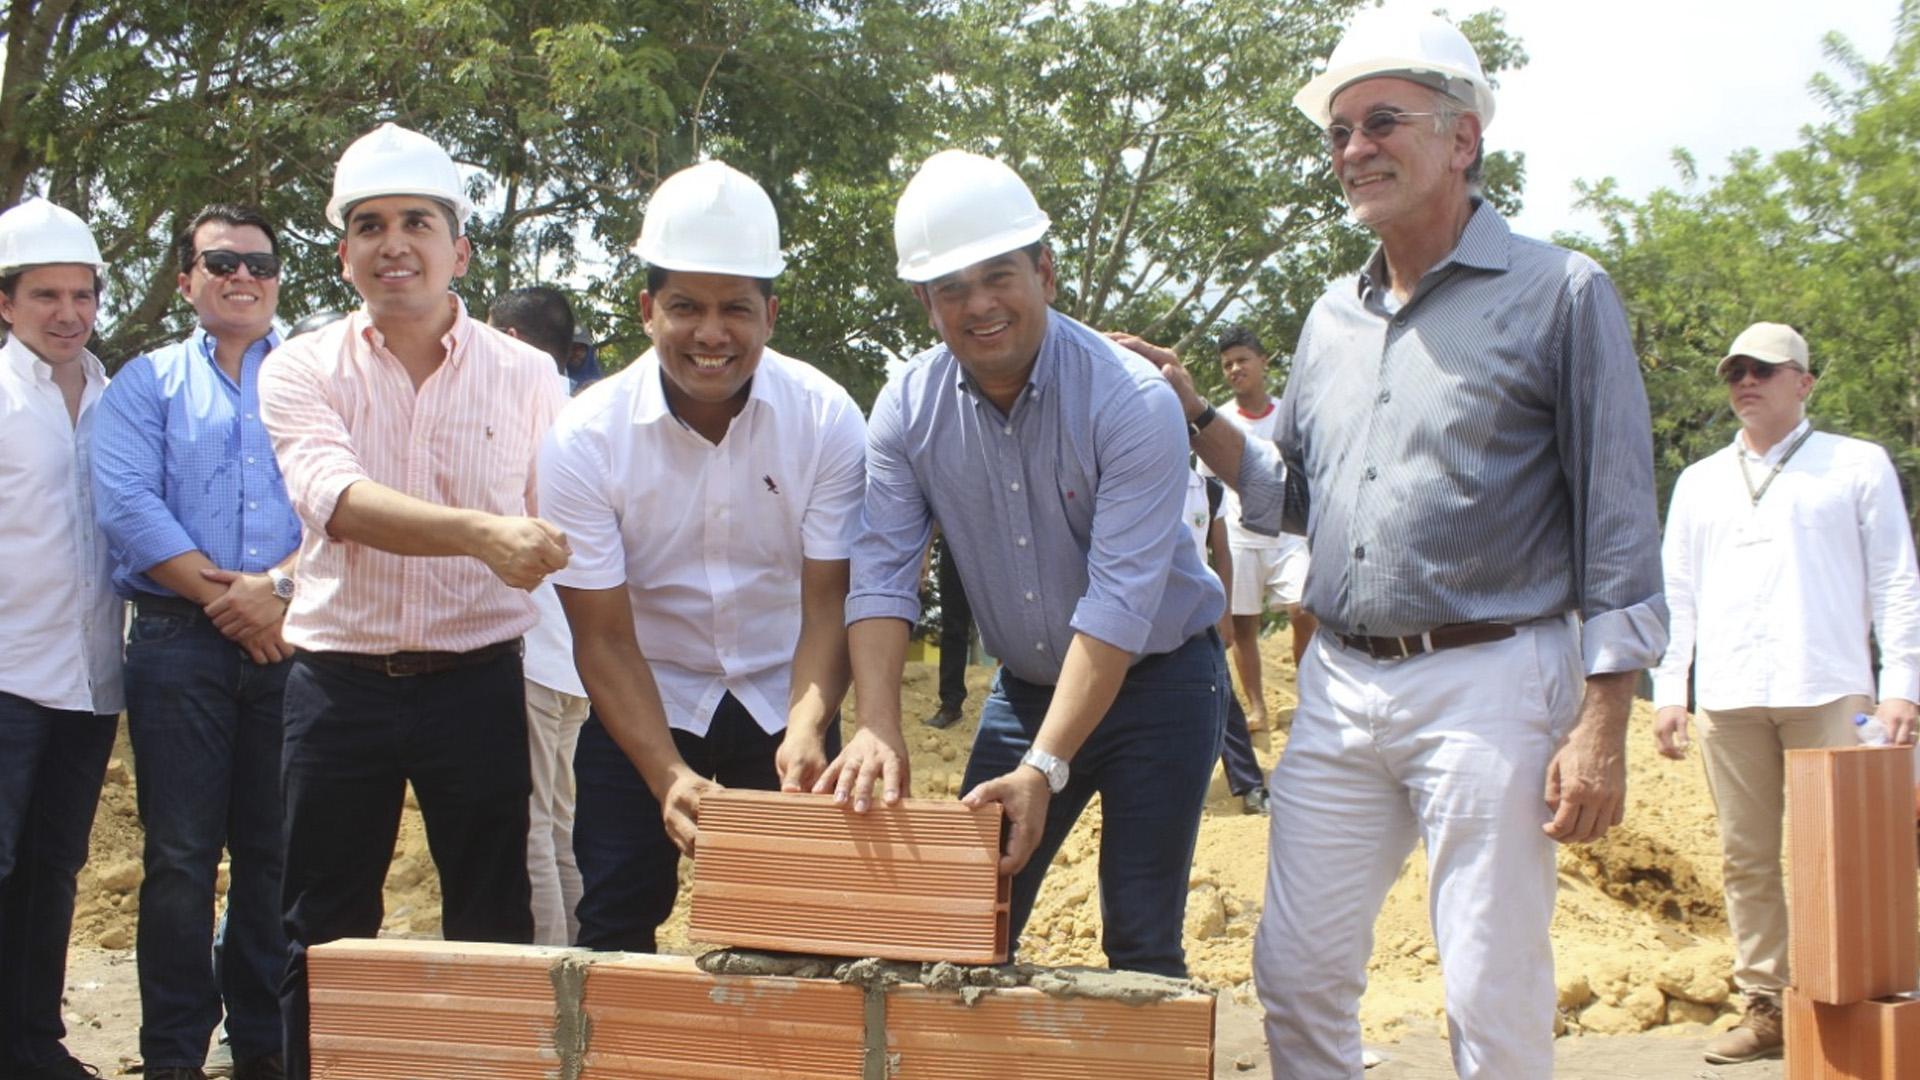 Comenzó construcción de 280 viviendas tipo Vipa en Malambo - El Heraldo (Colombia)